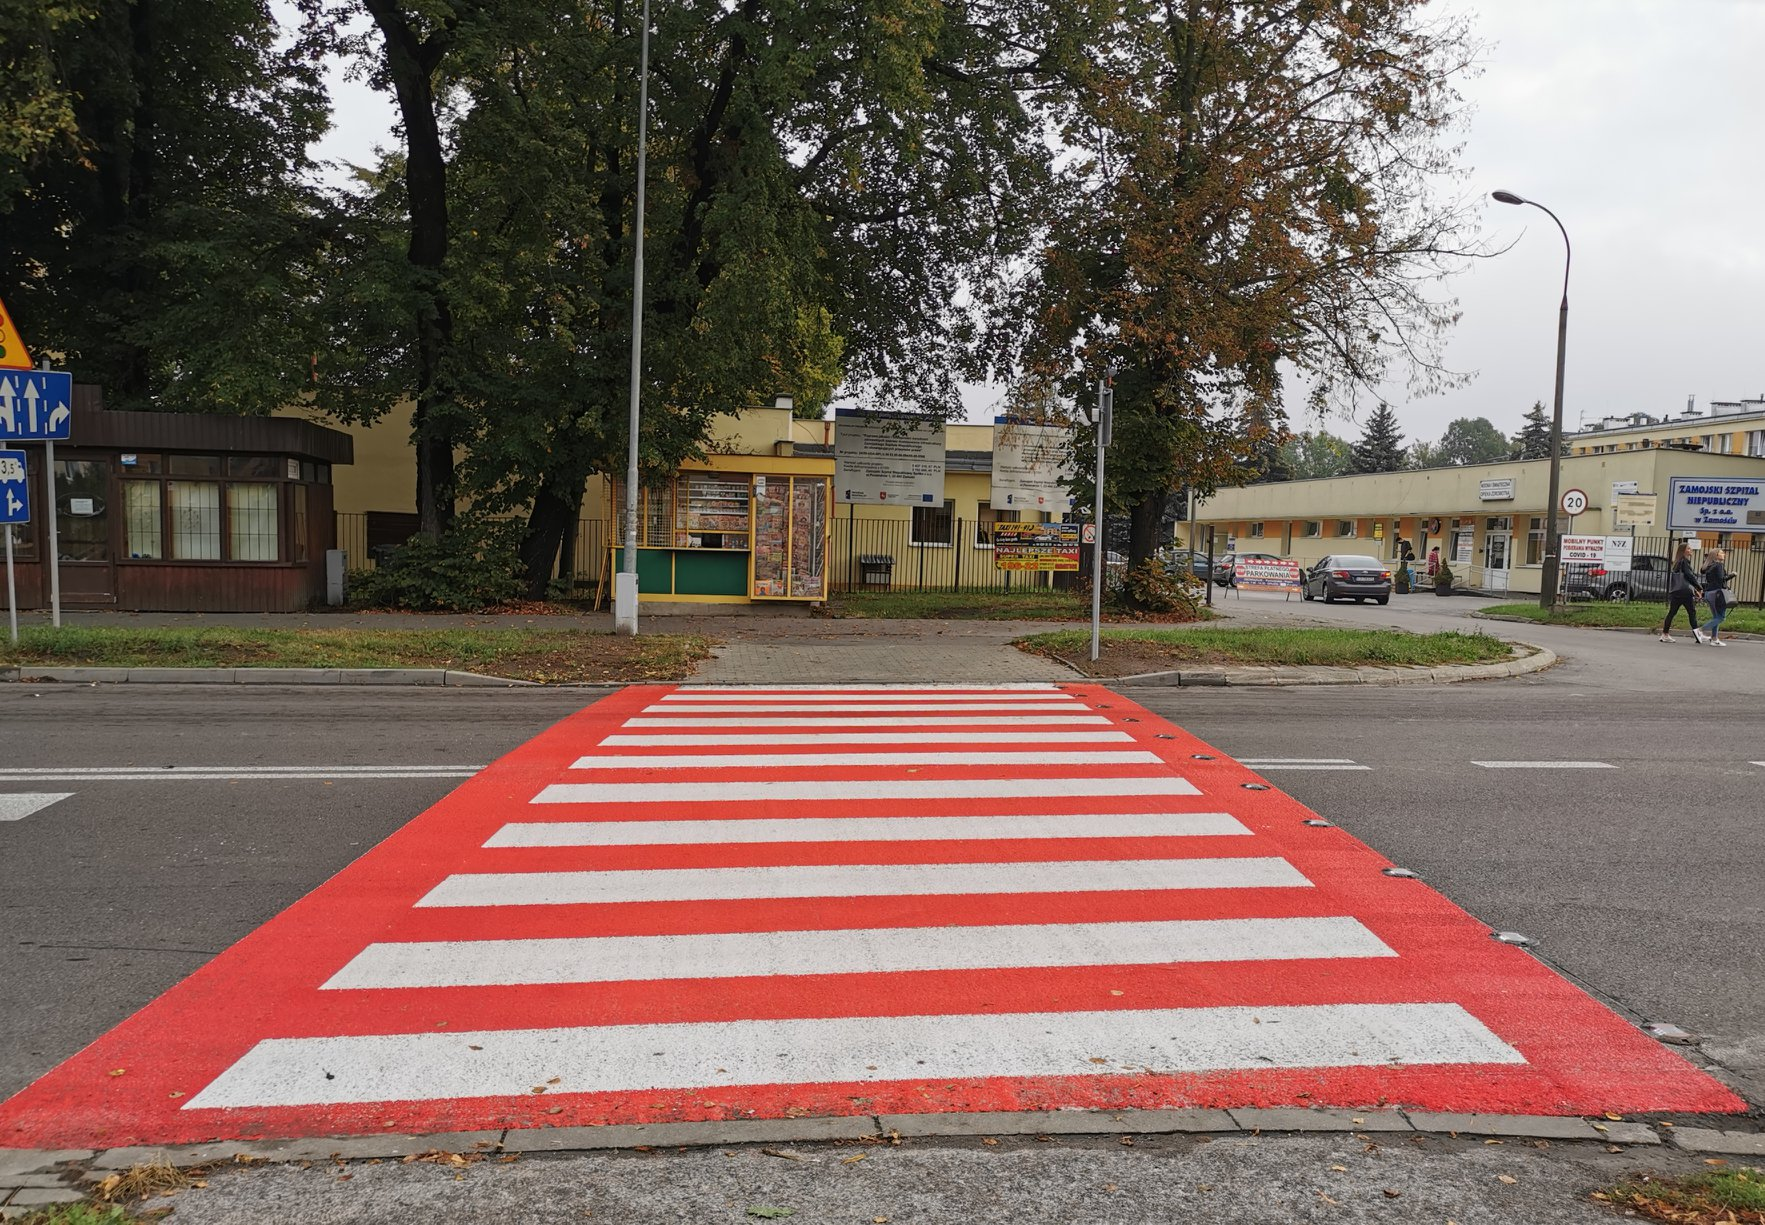 118776526 167338588306160 6615038895342112106 o Zamość: Nowe, interaktywne przejścia dla pieszych